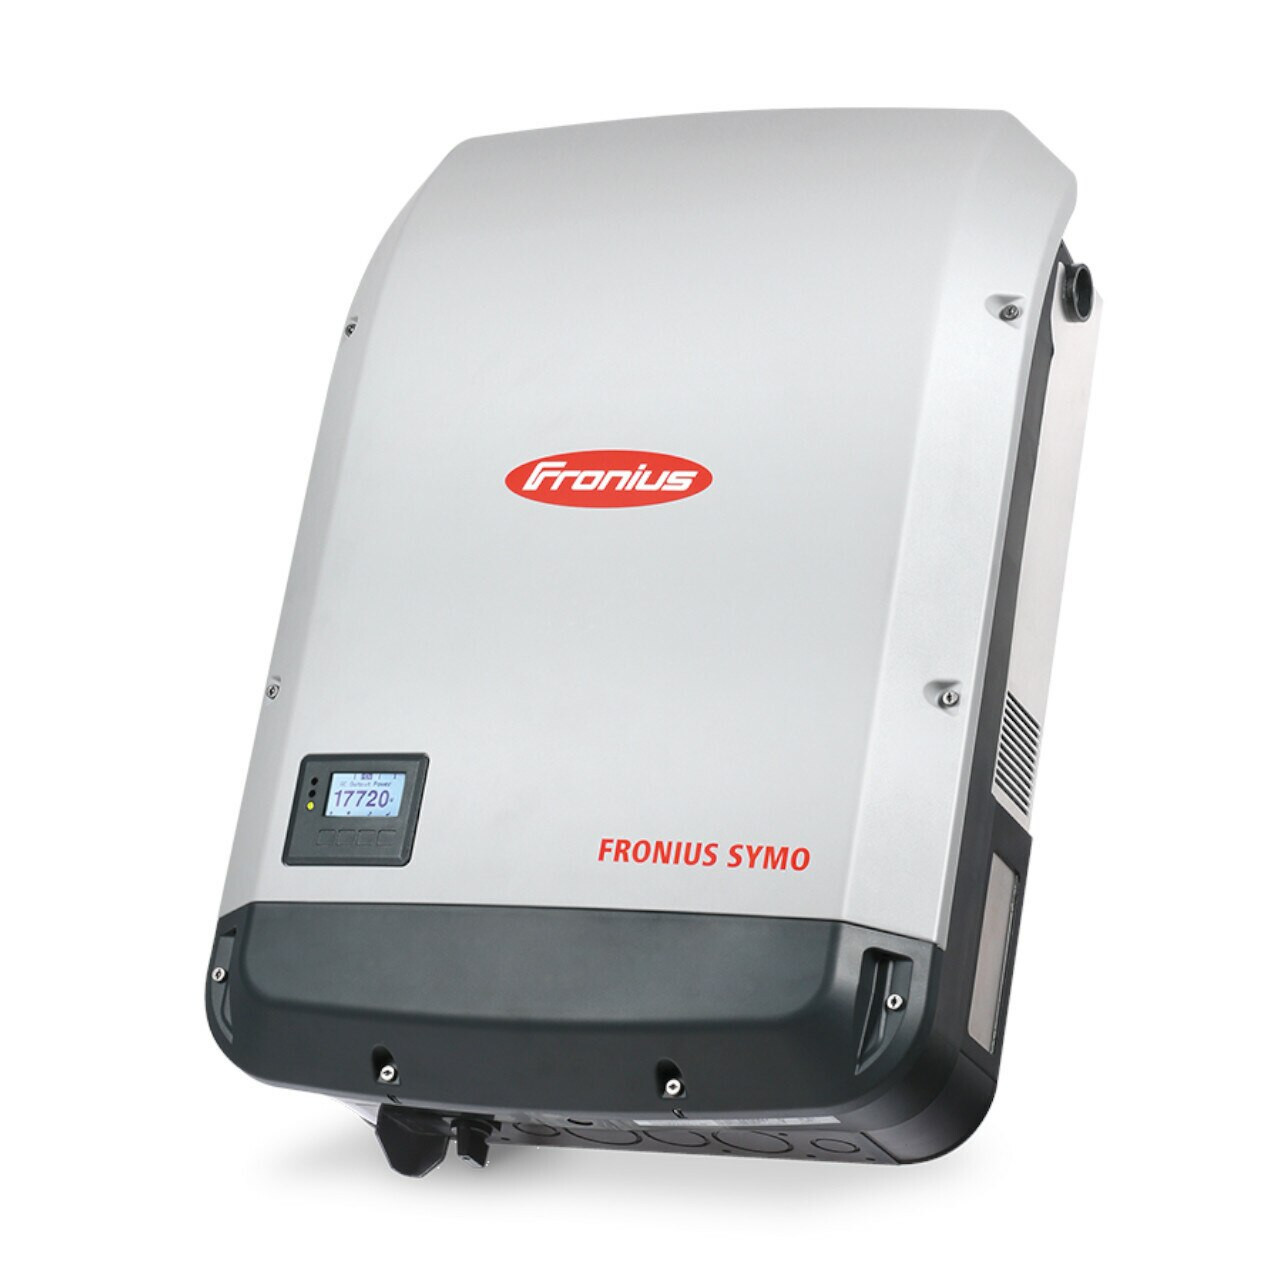 Fronius - Symo Advanced 10.0-3 208 - Lite